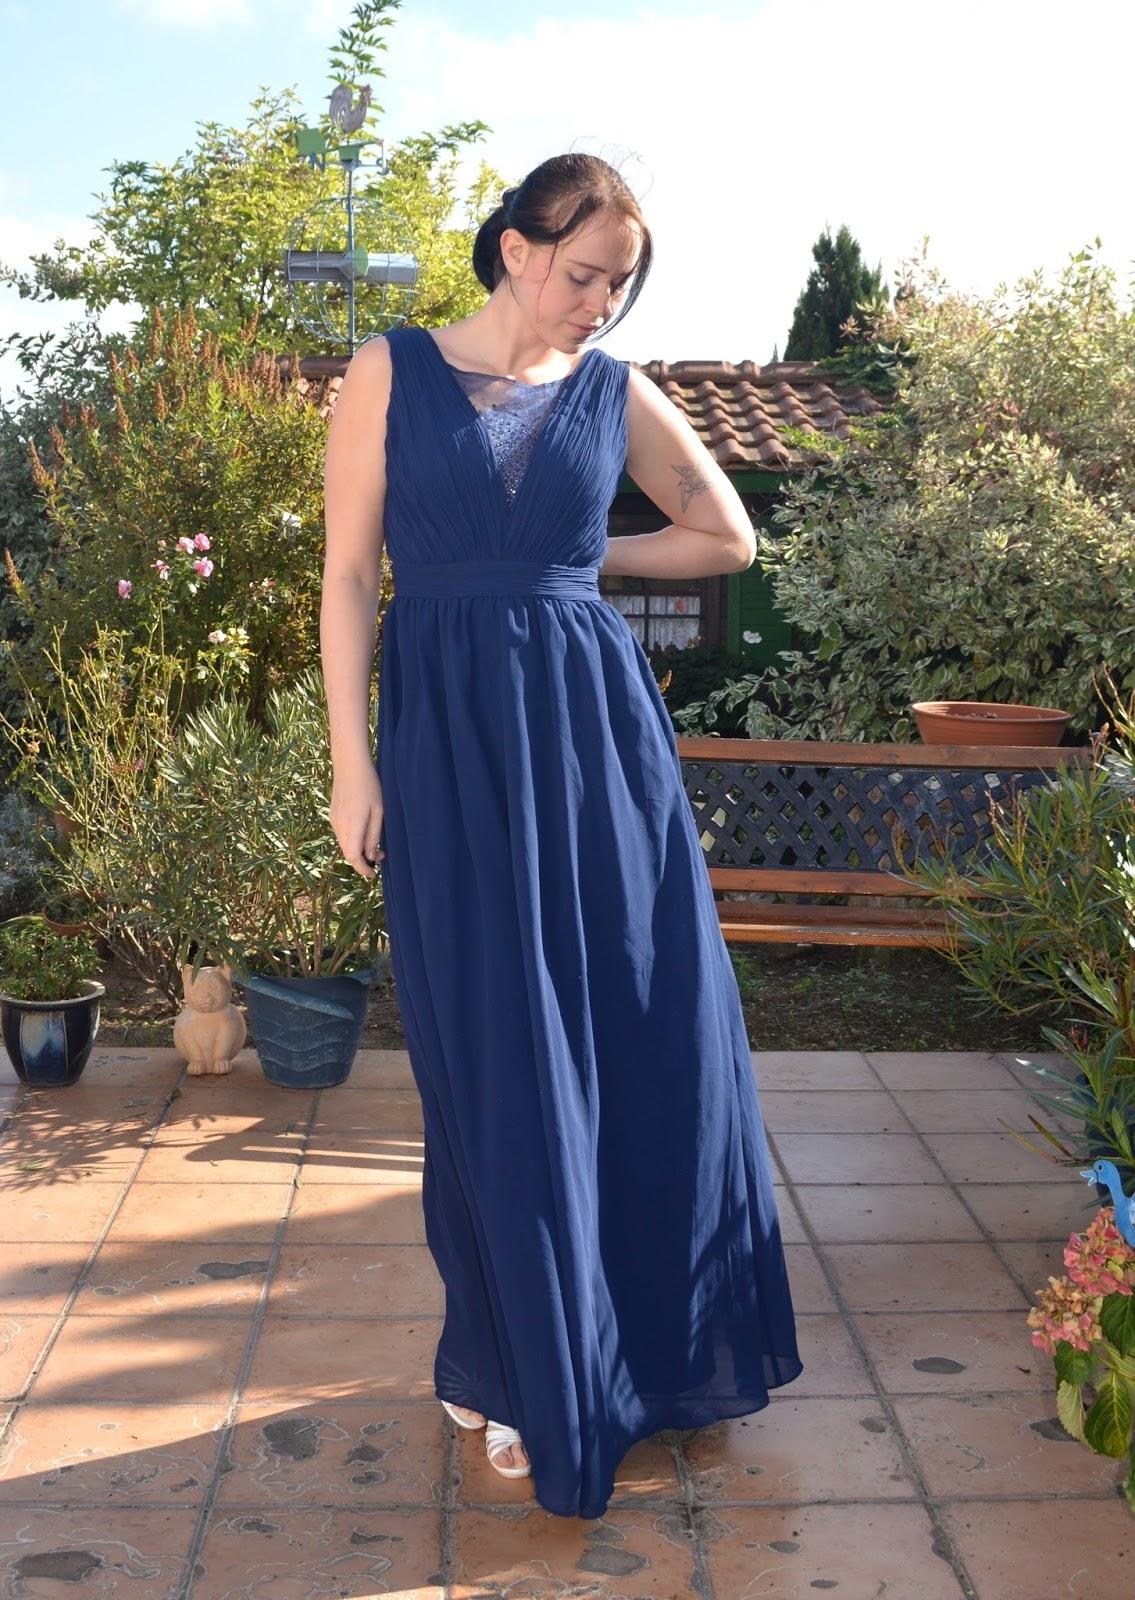 10 Erstaunlich Langes Dunkelblaues Kleid SpezialgebietFormal Schön Langes Dunkelblaues Kleid Bester Preis